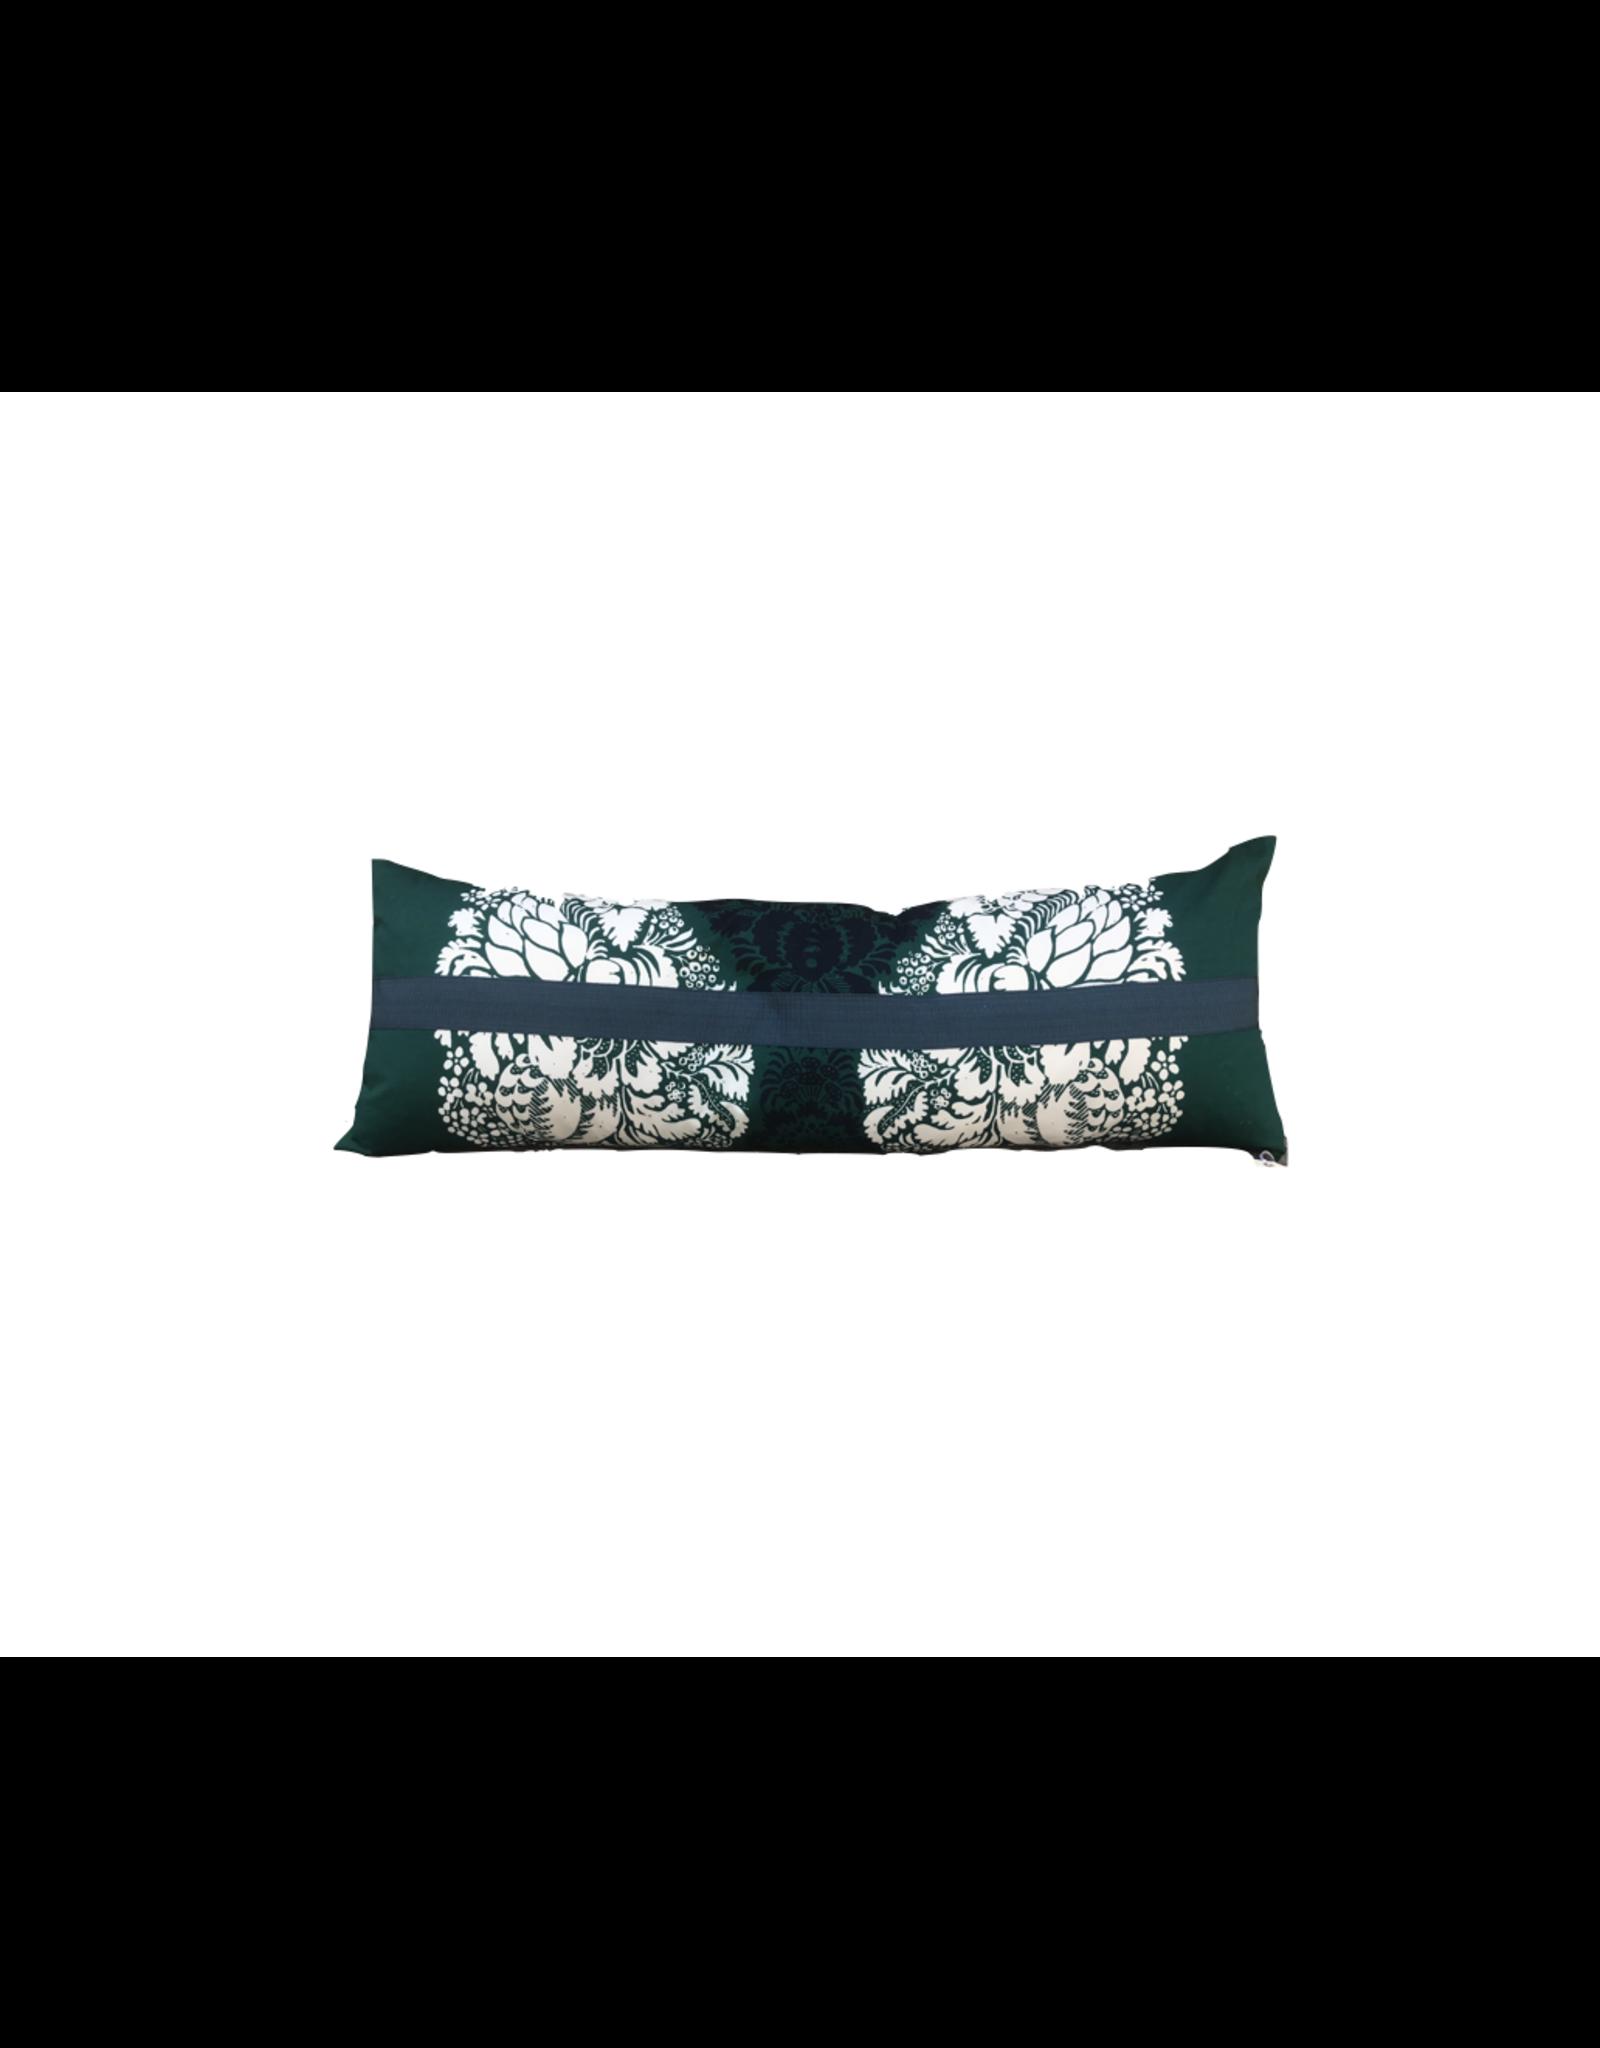 Vintage Floral Lumbar Pillow with Trim